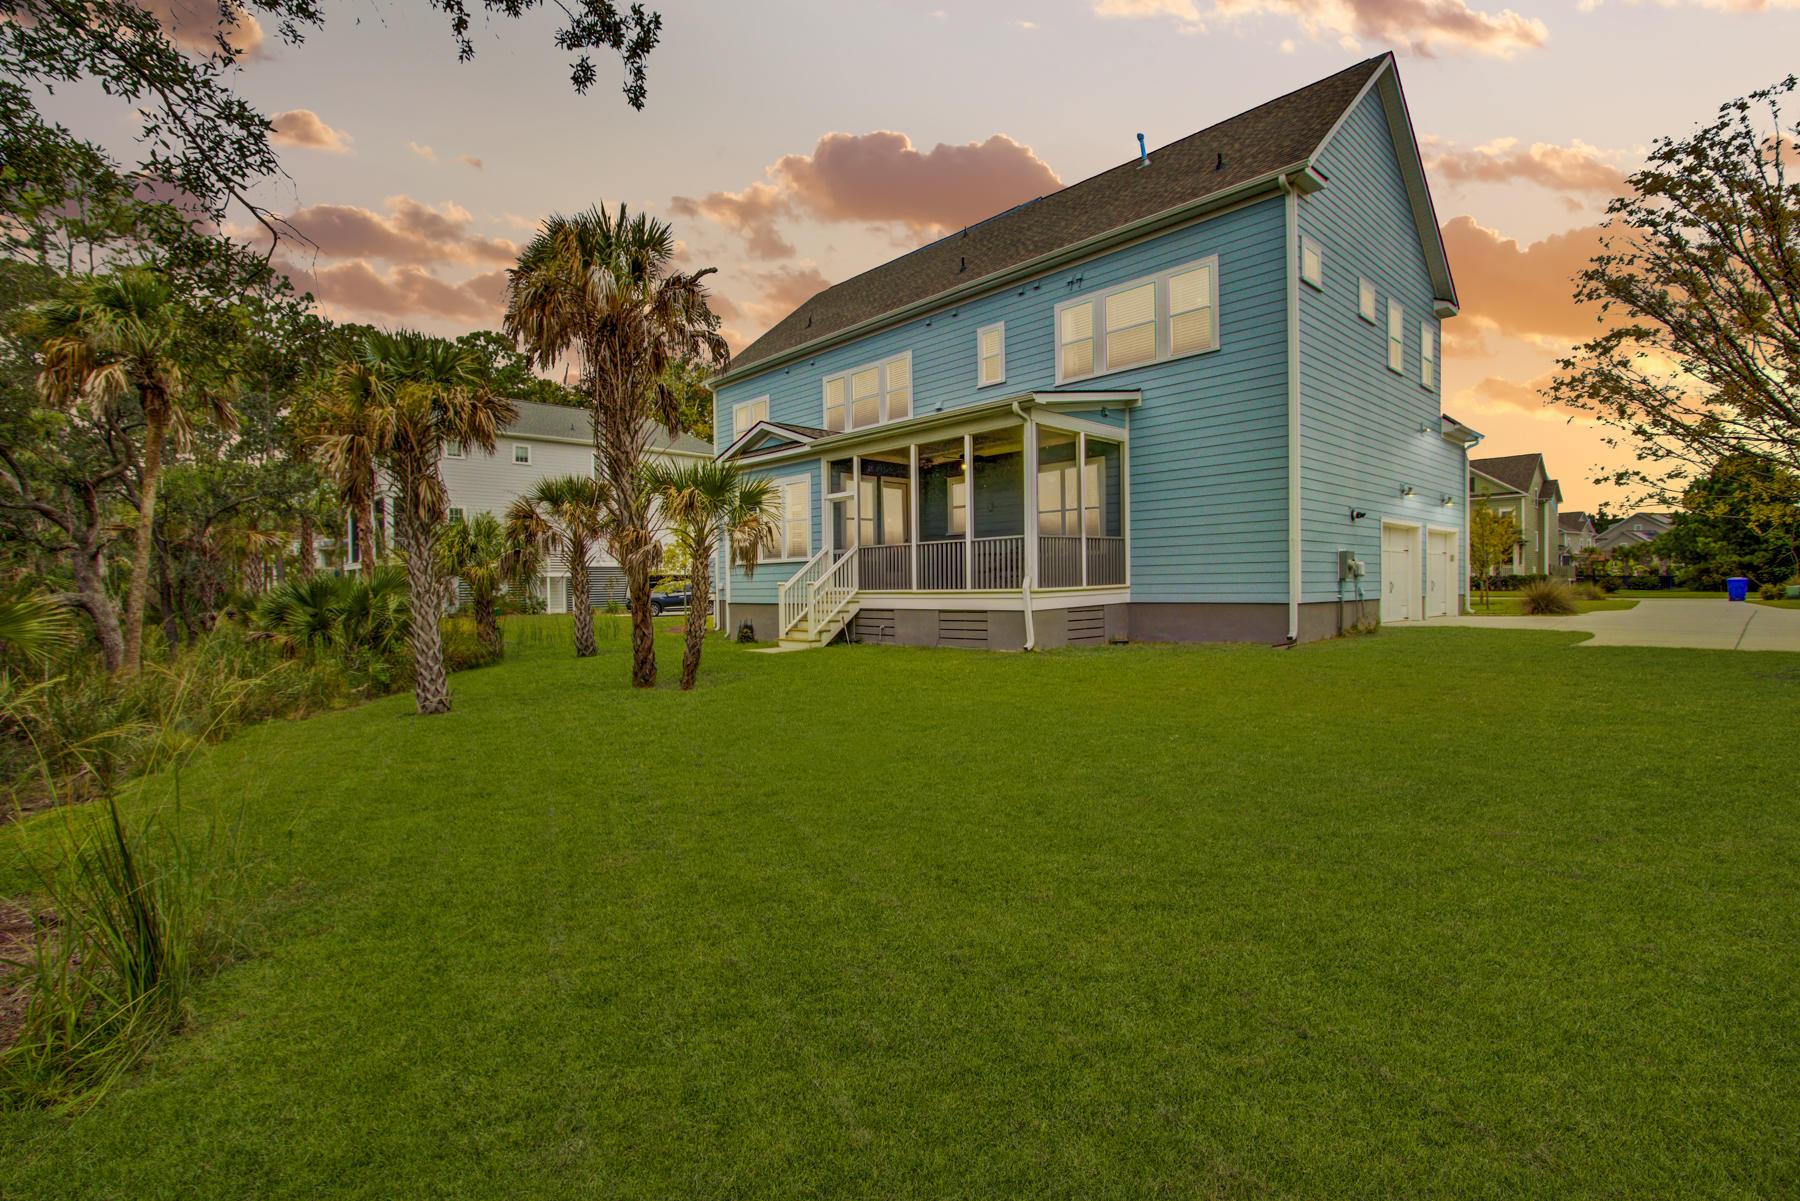 Dunes West Homes For Sale - 2984 Yachtsman, Mount Pleasant, SC - 8